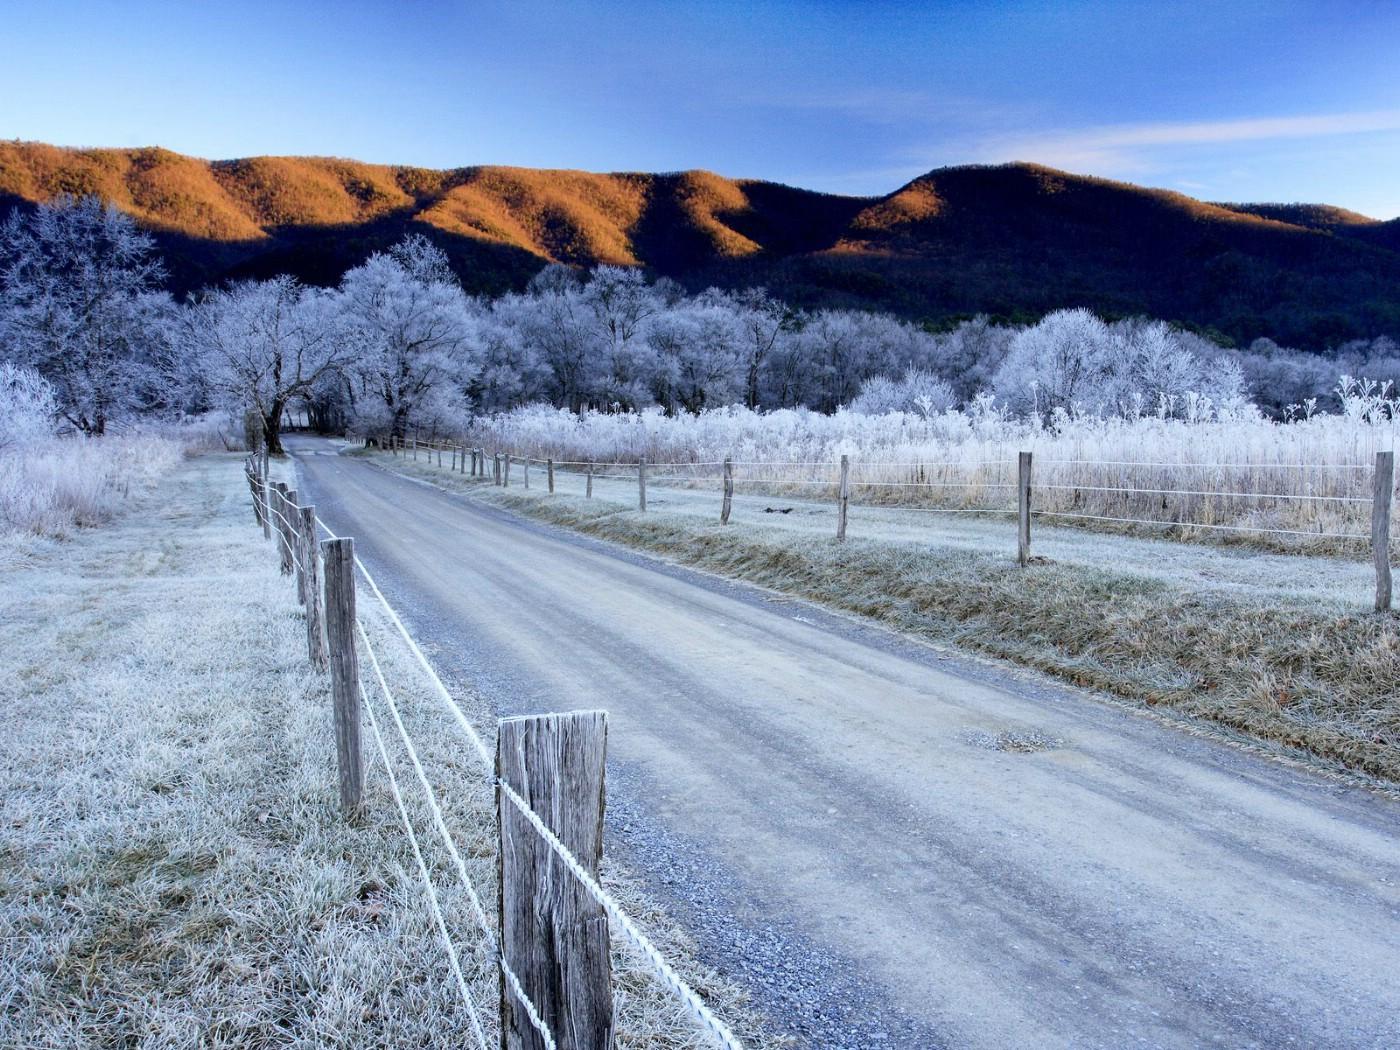 壁纸1400×1050田纳西州 大烟山国家公园冬季壁纸壁纸 文化之旅地理人文景观一壁纸图片人文壁纸人文图片素材桌面壁纸